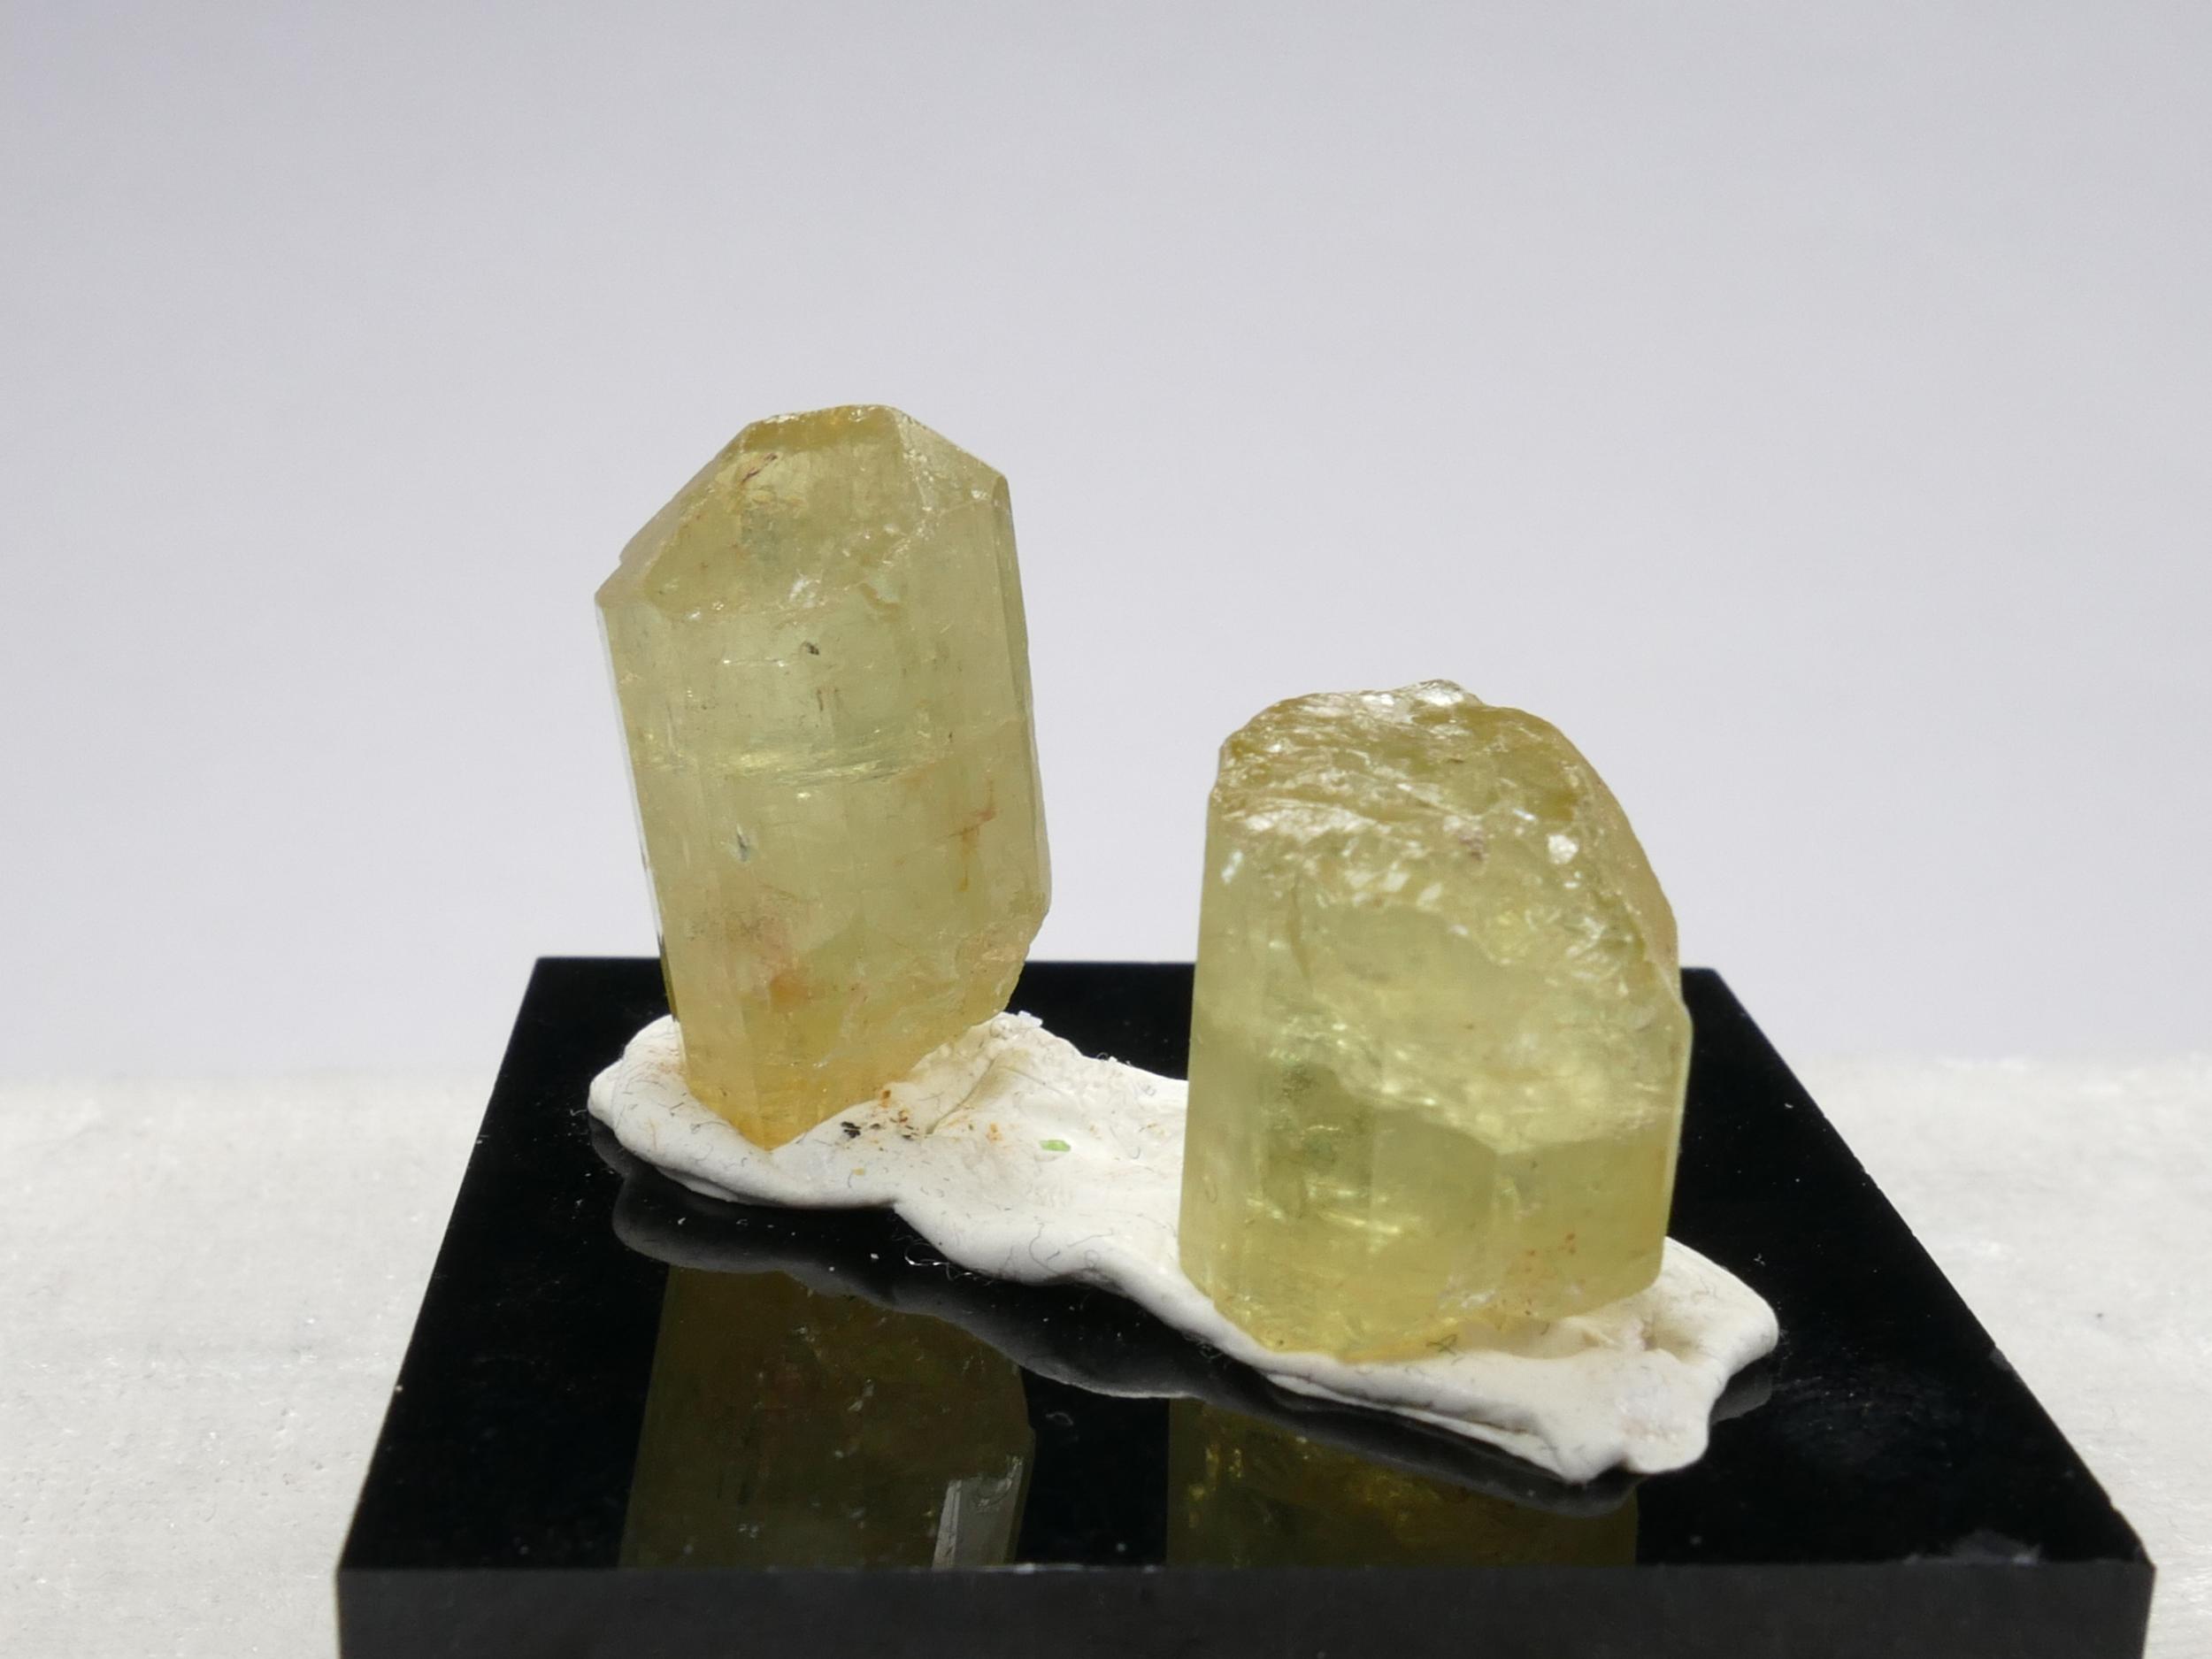 2 Spécimens d\'Apatite jaune naturelle brute de forme naturelle 9.38g Cristal terminé (#PK987)